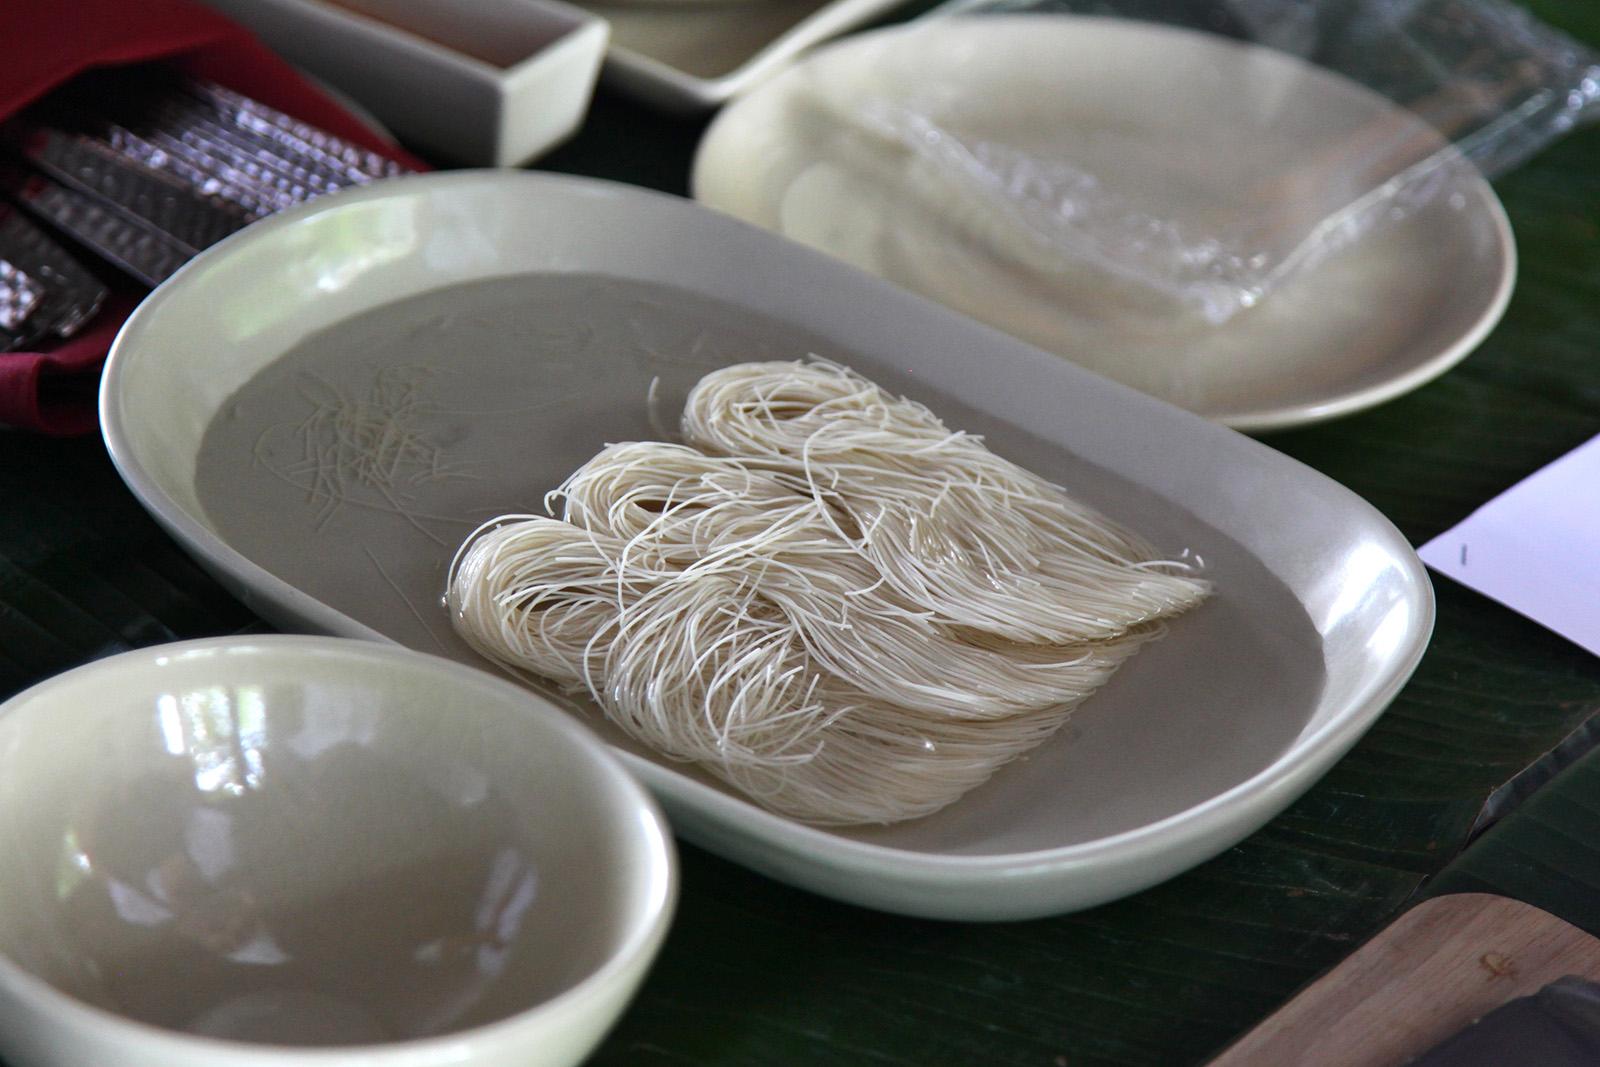 Rýžové nudle namočíme na 10 sekund na každé straně do vody